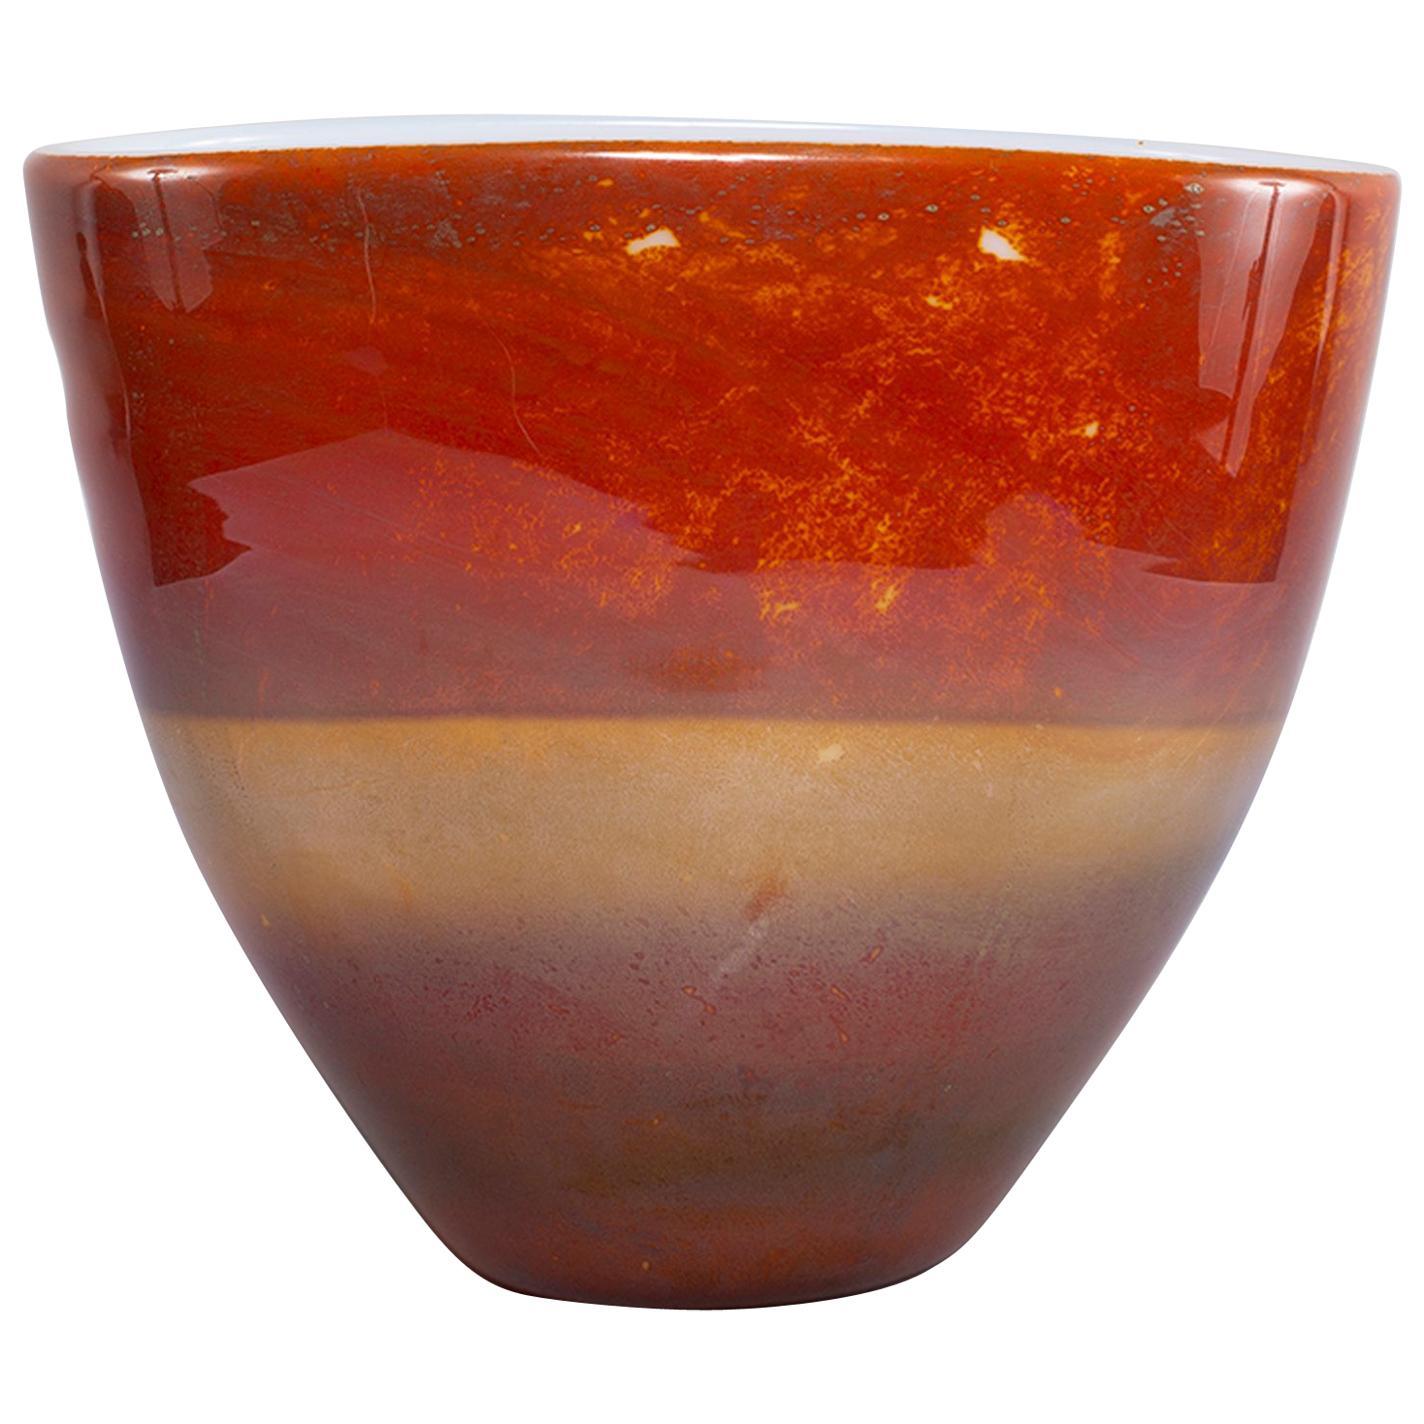 Ermanno Nason for Antonio da Ros Opaline Murano Glass Bowl